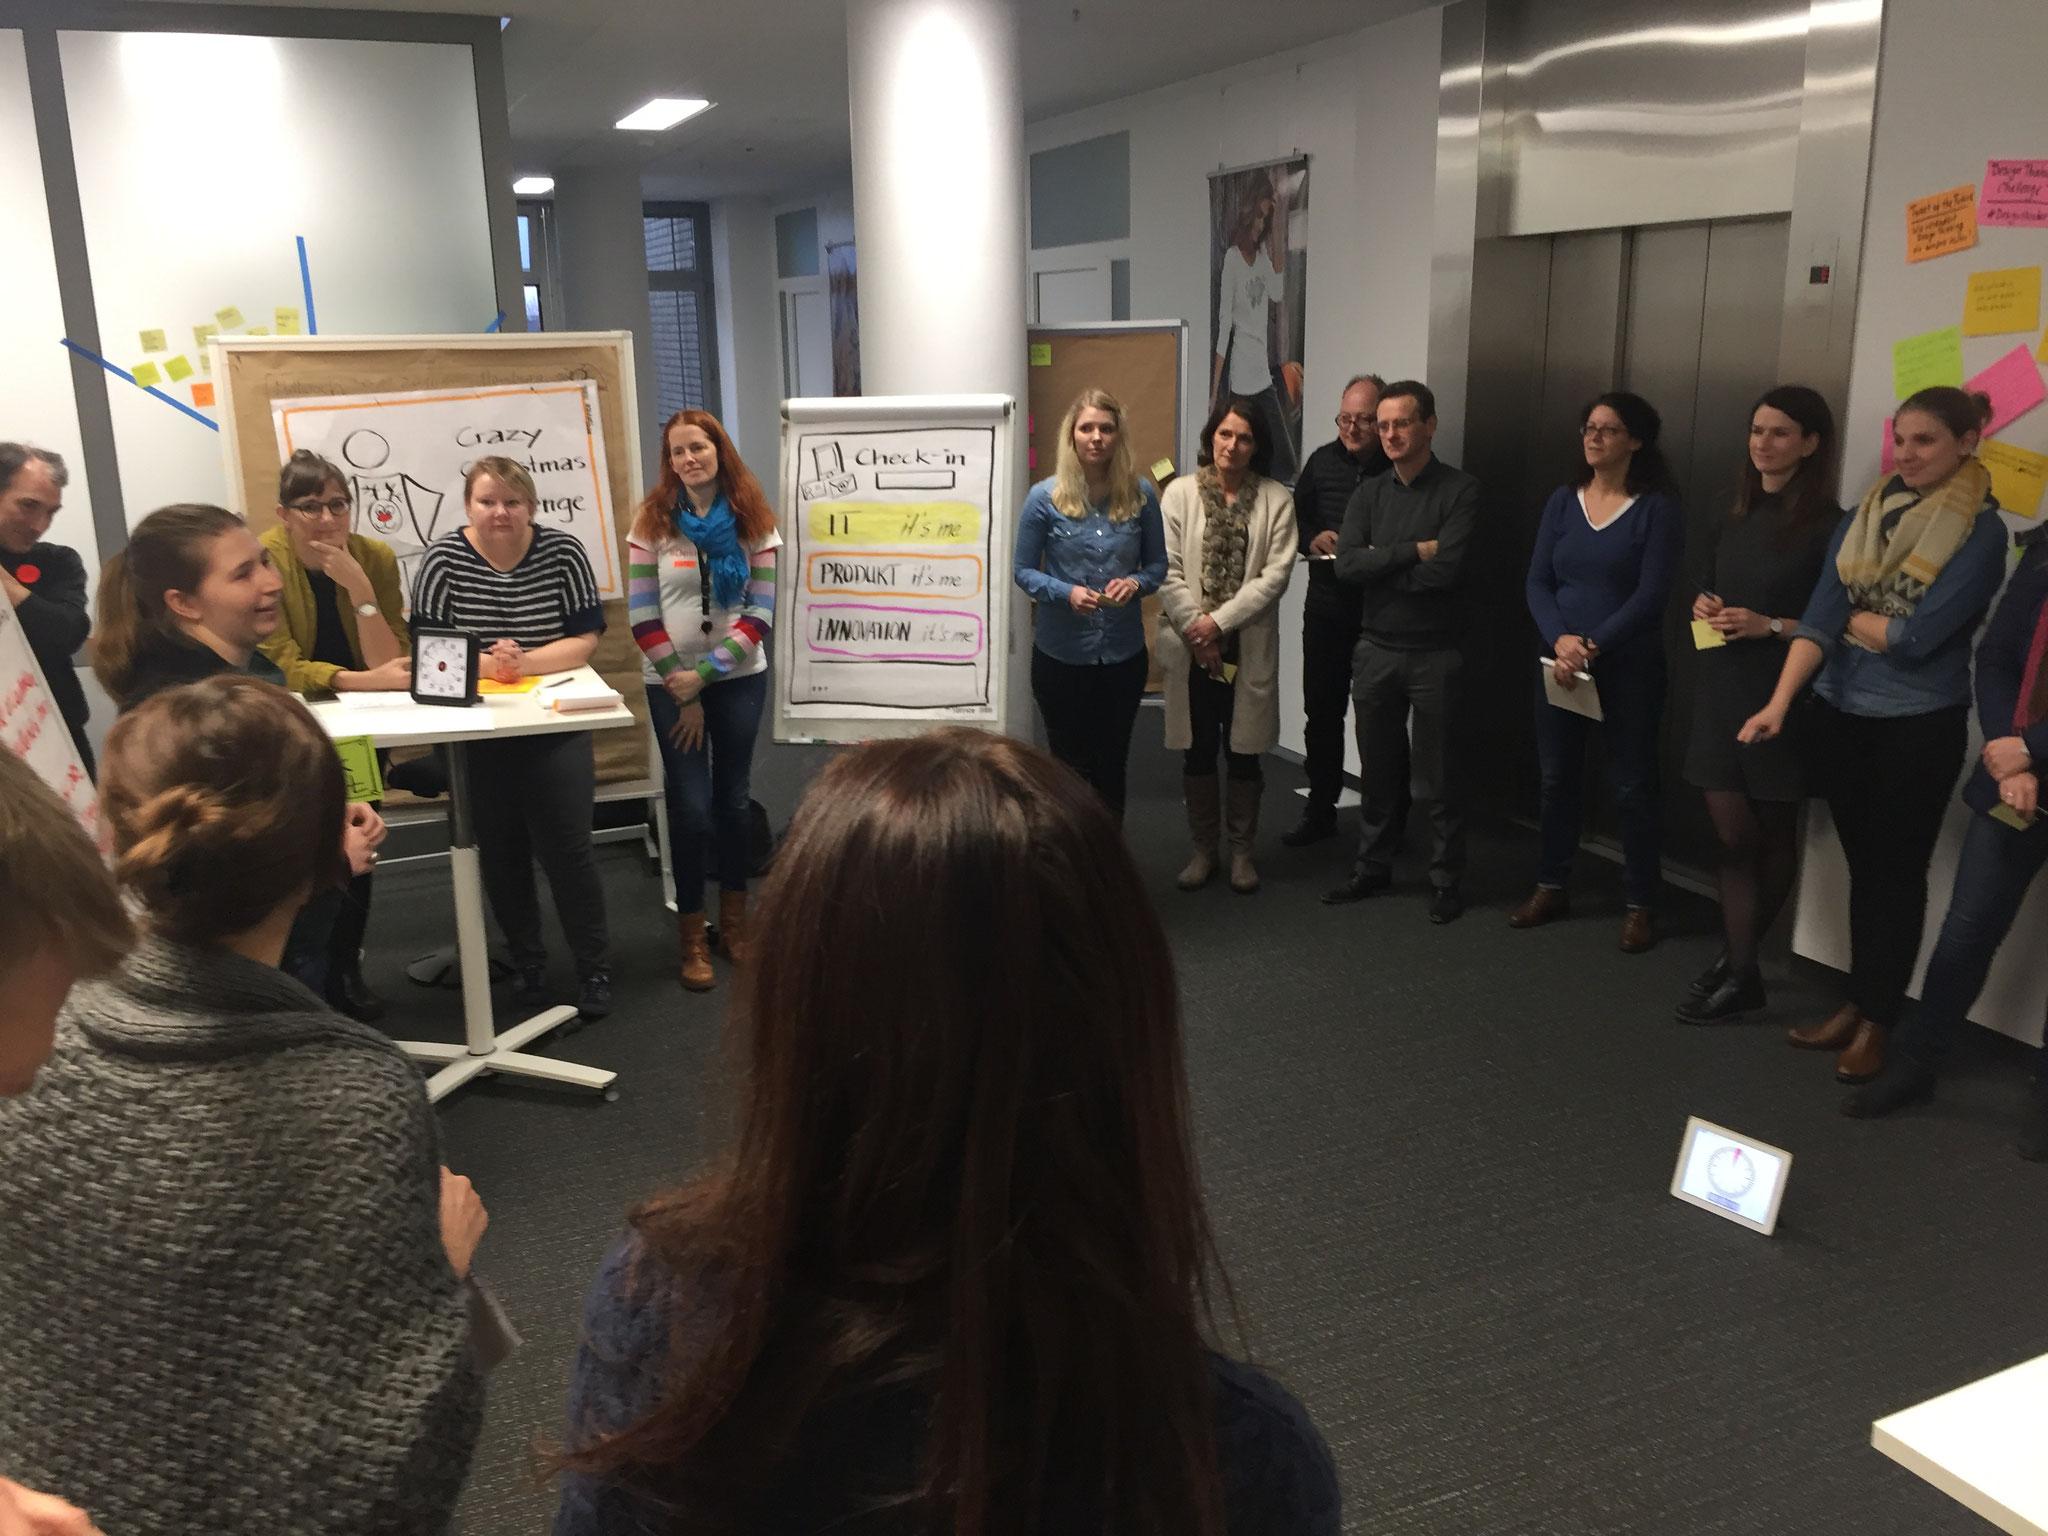 Im Basis-Workshop erleben die Teilnehmer Design Thinking aus Anwendersicht. Thema, Ort, Artefakte, Teilnehmerauswahl und geladene Gäste stellen die Kommunikation der Aktivität in der Organisation sicher.